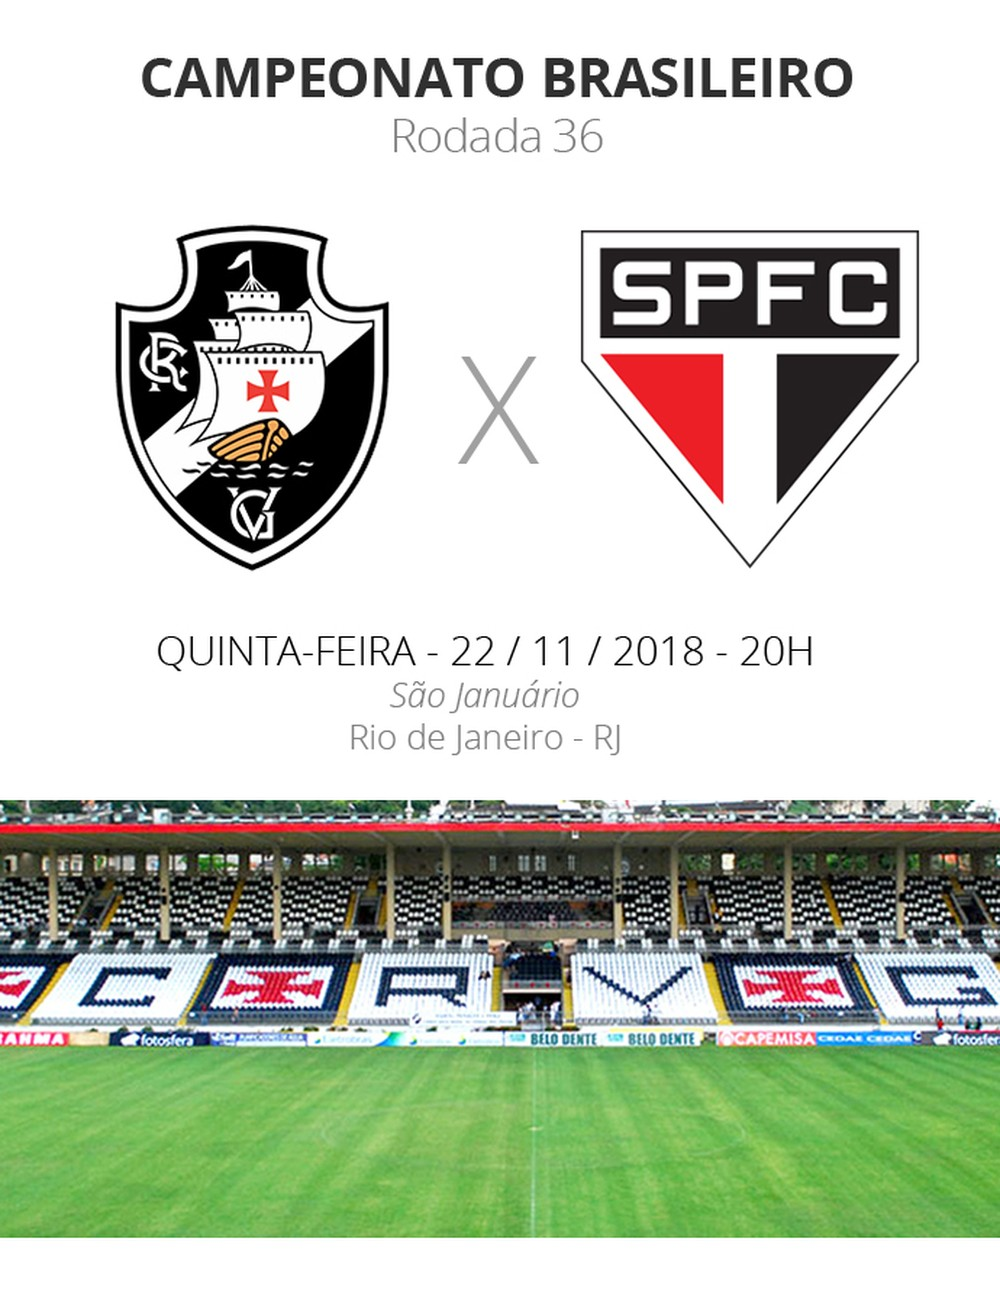 e3f2141433e44 Vasco News - Vasco Minha Vida  11 01 2018 - 12 01 2018